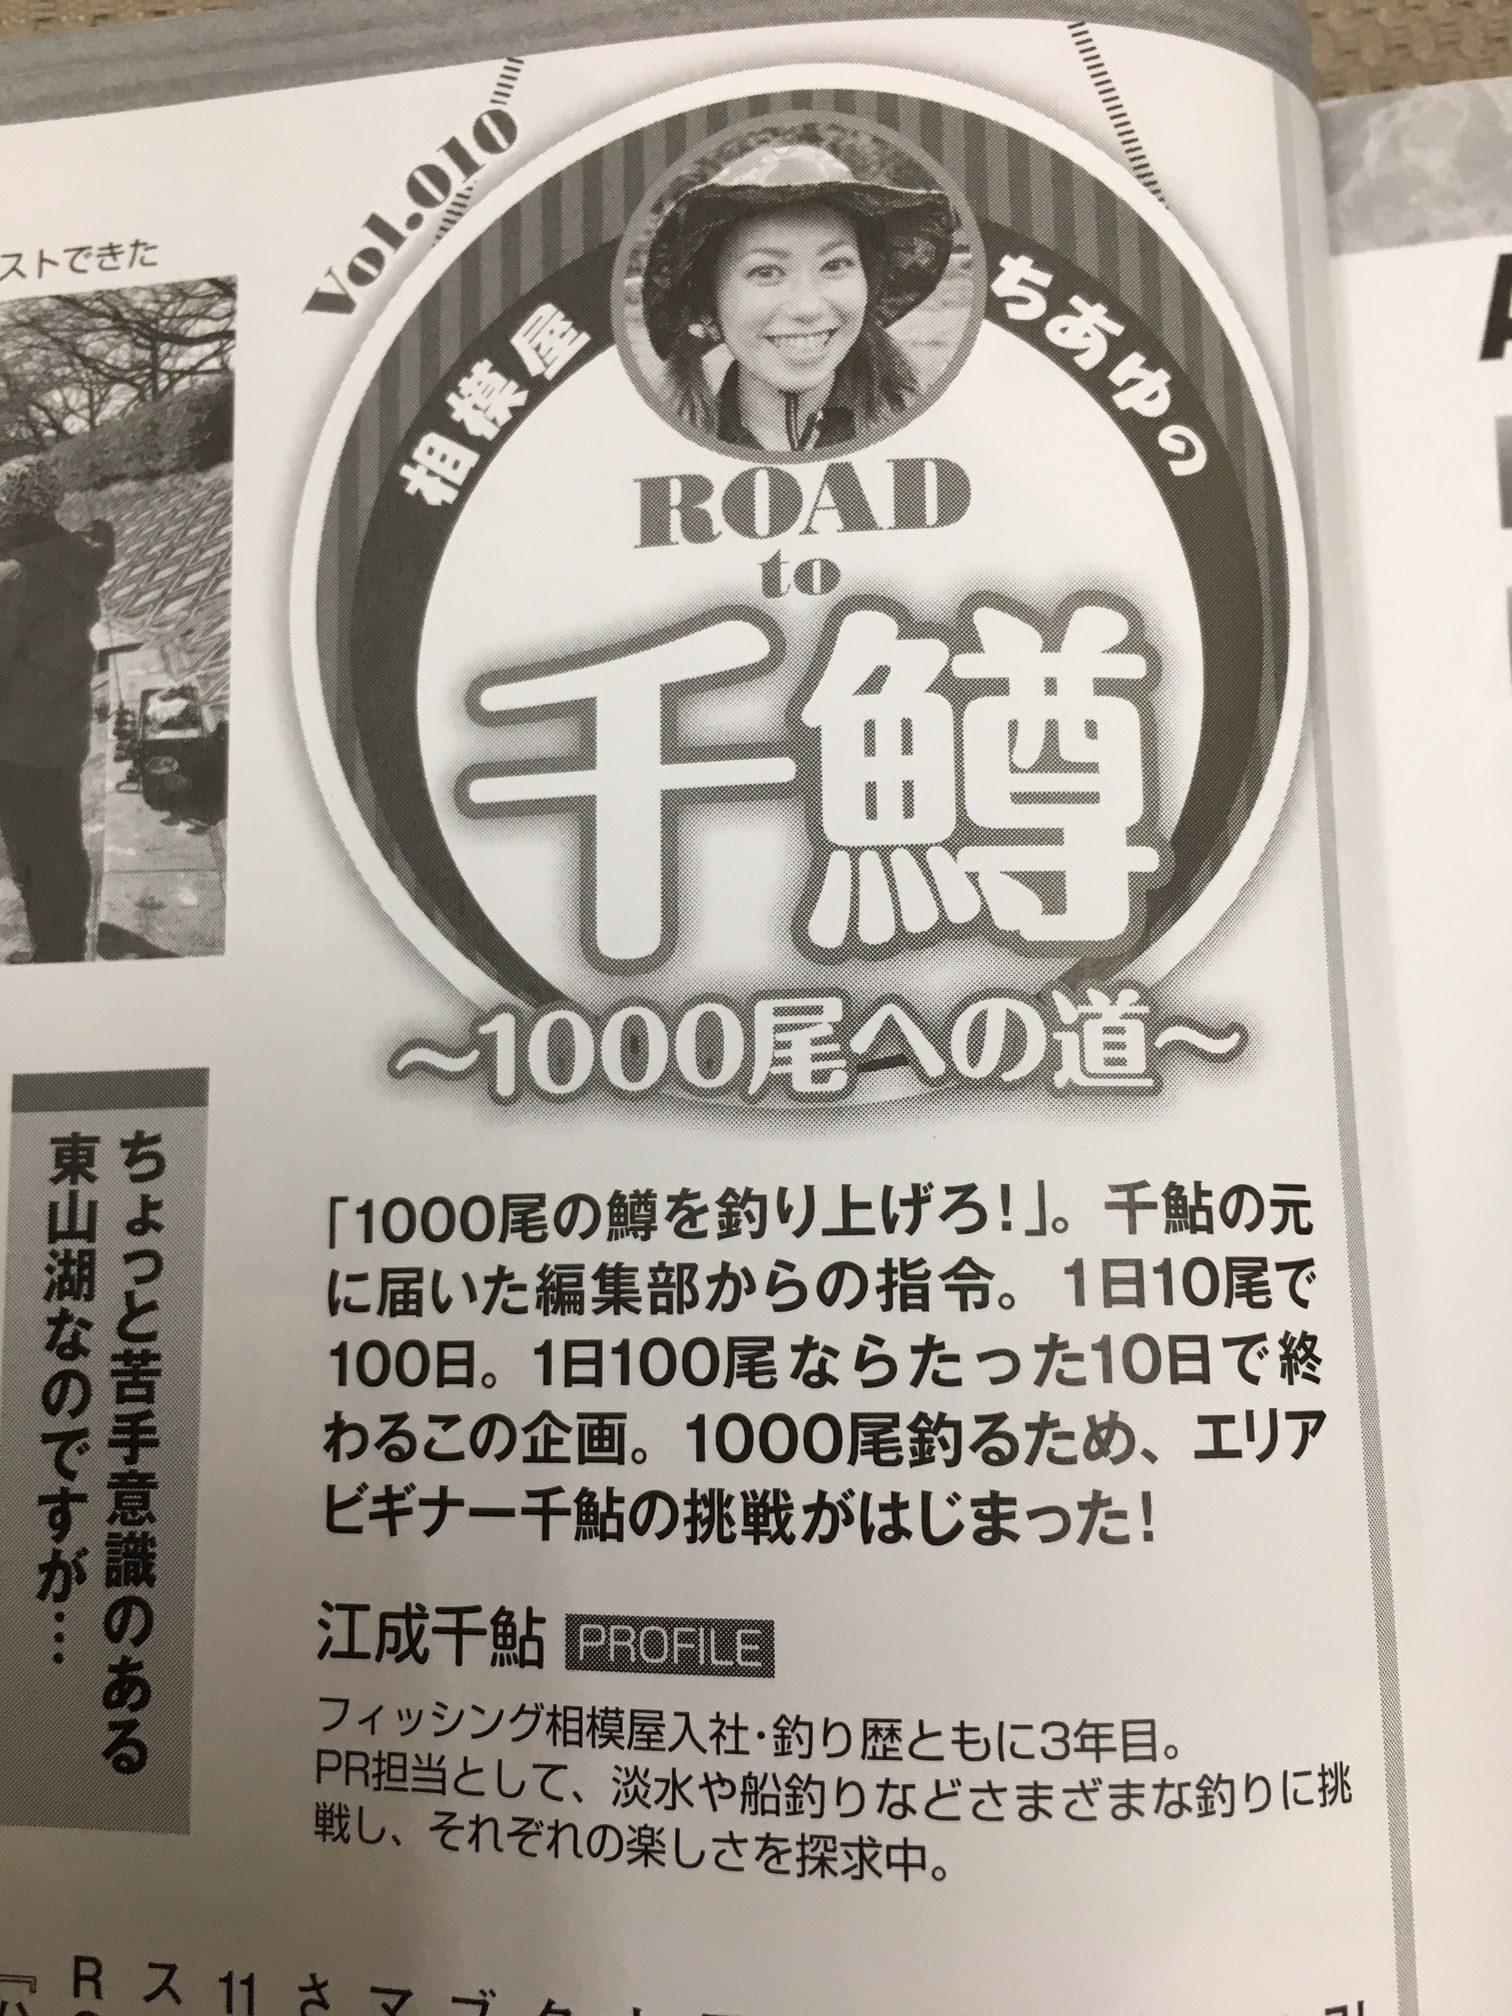 スタッフ千鮎掲載!コスミック出版『アングリングファン5月号』3